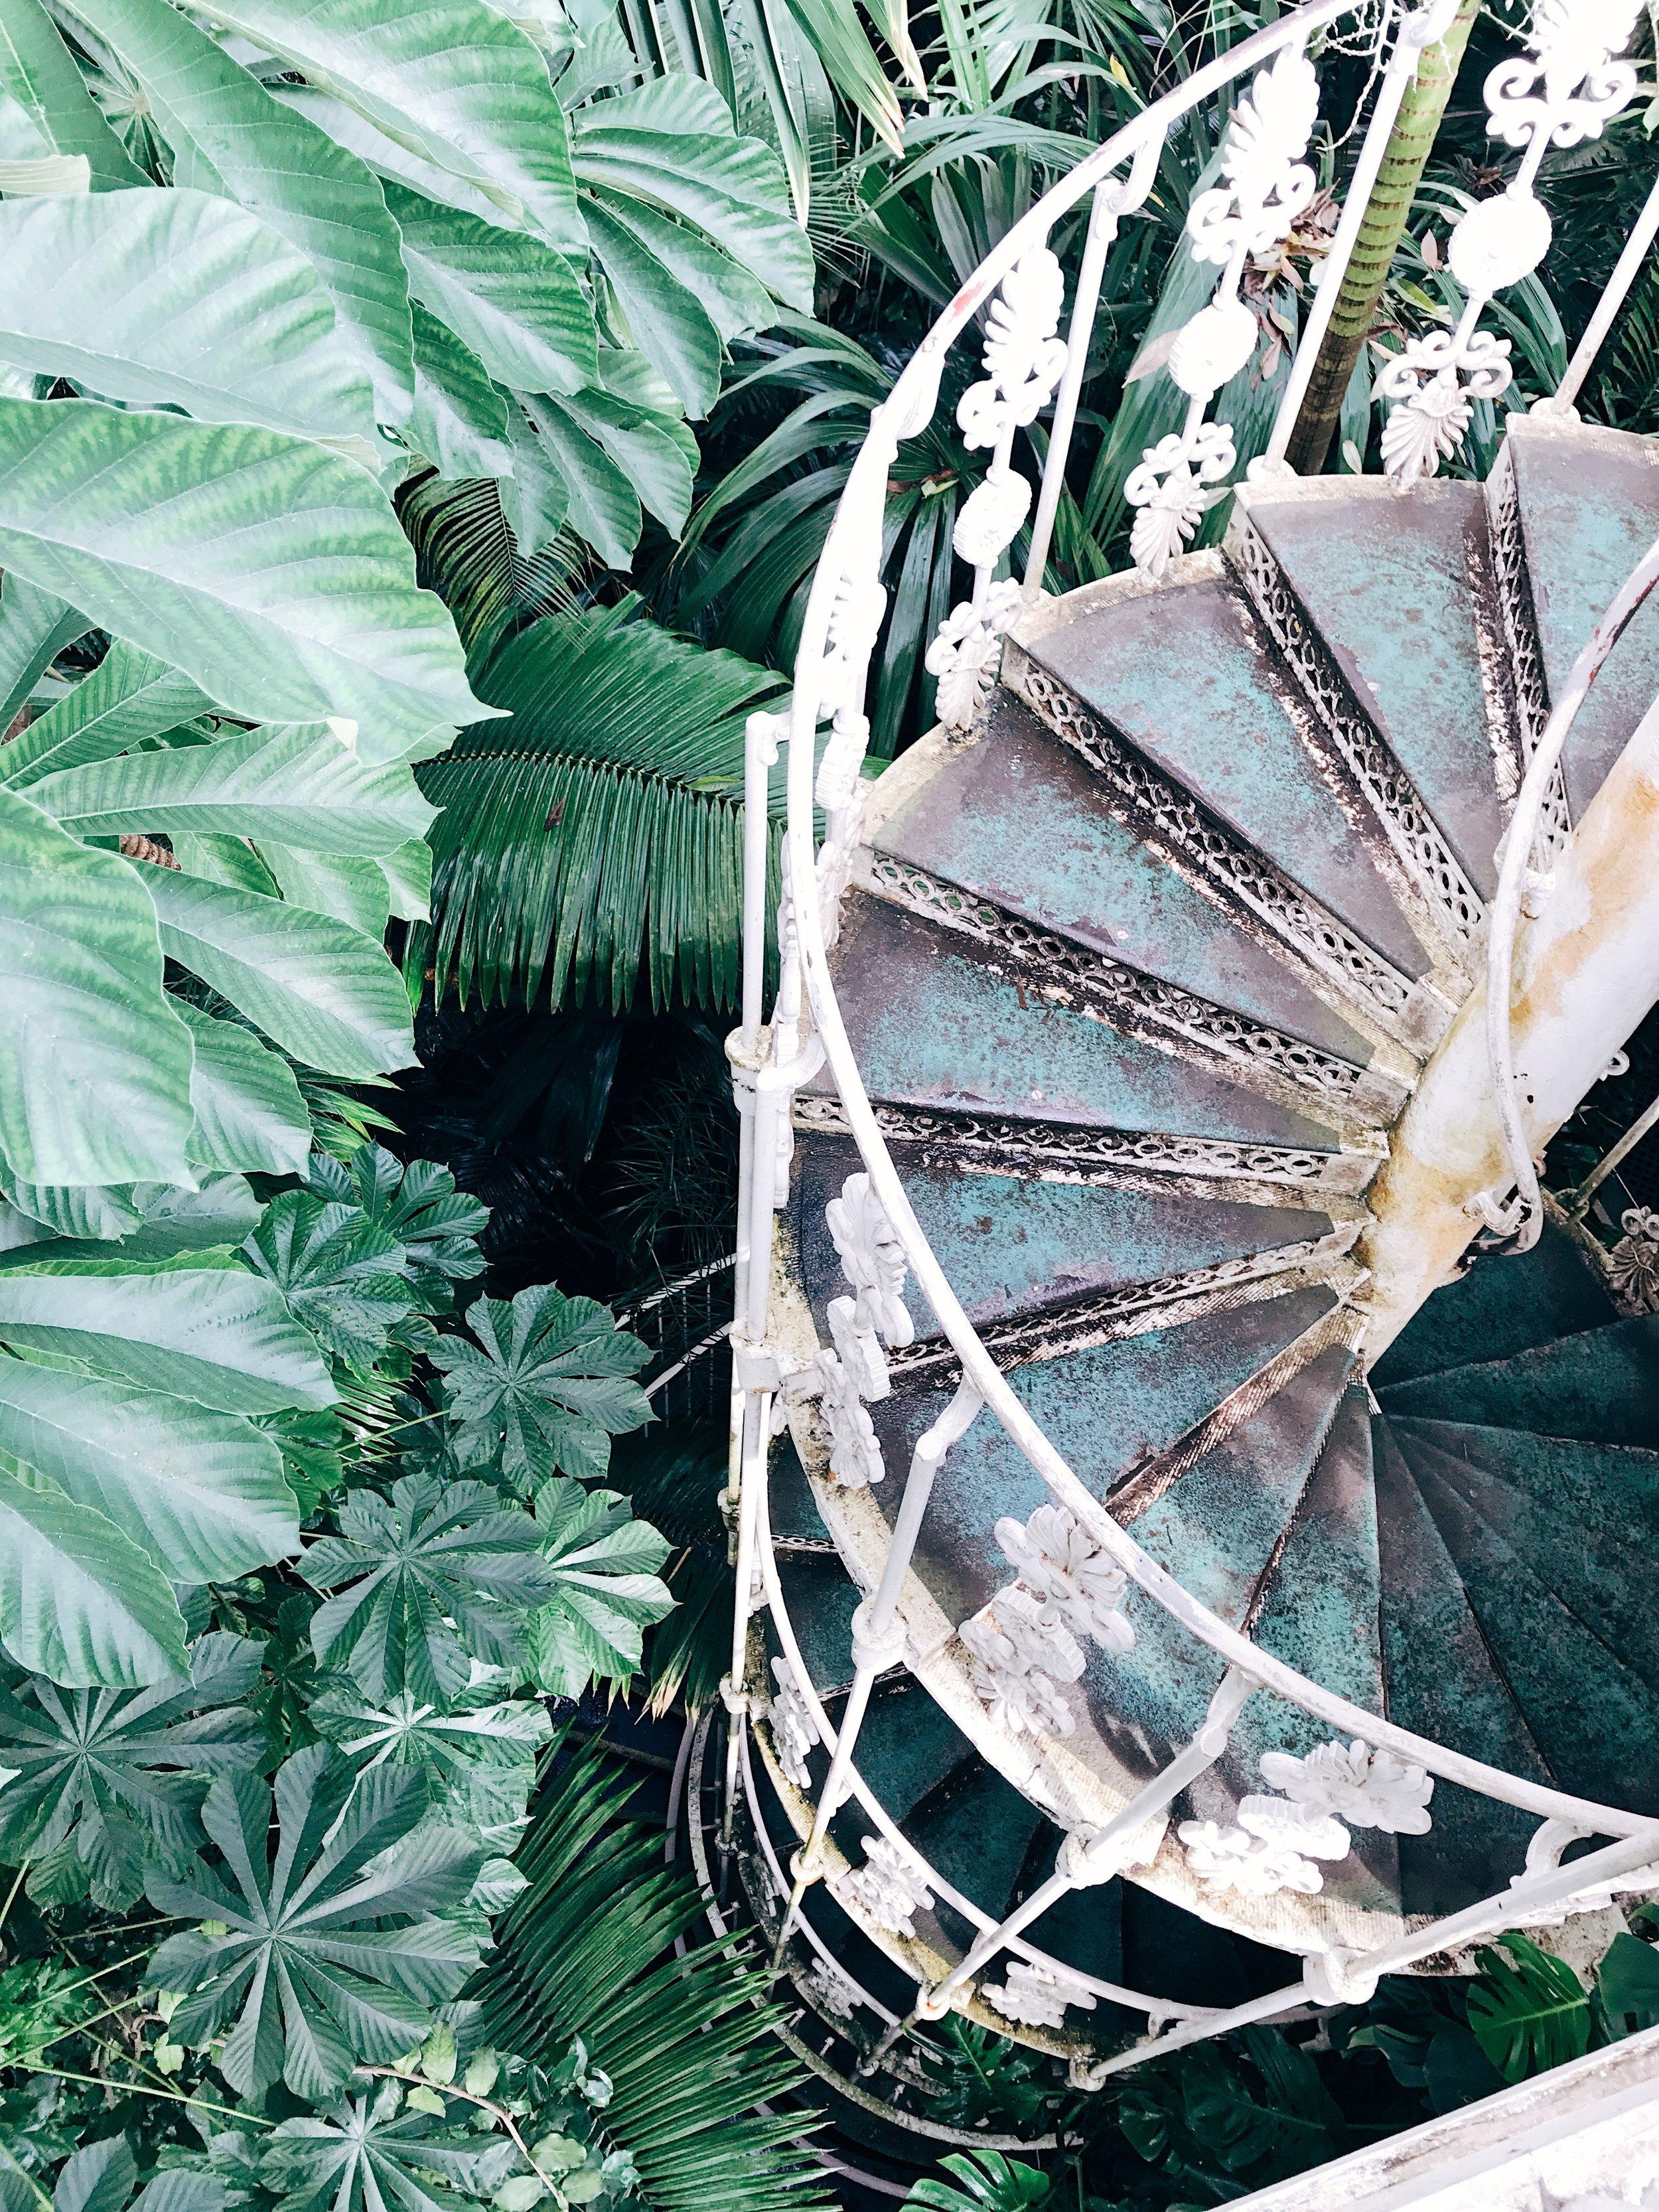 Image: Weekend in London - Kew Gardens